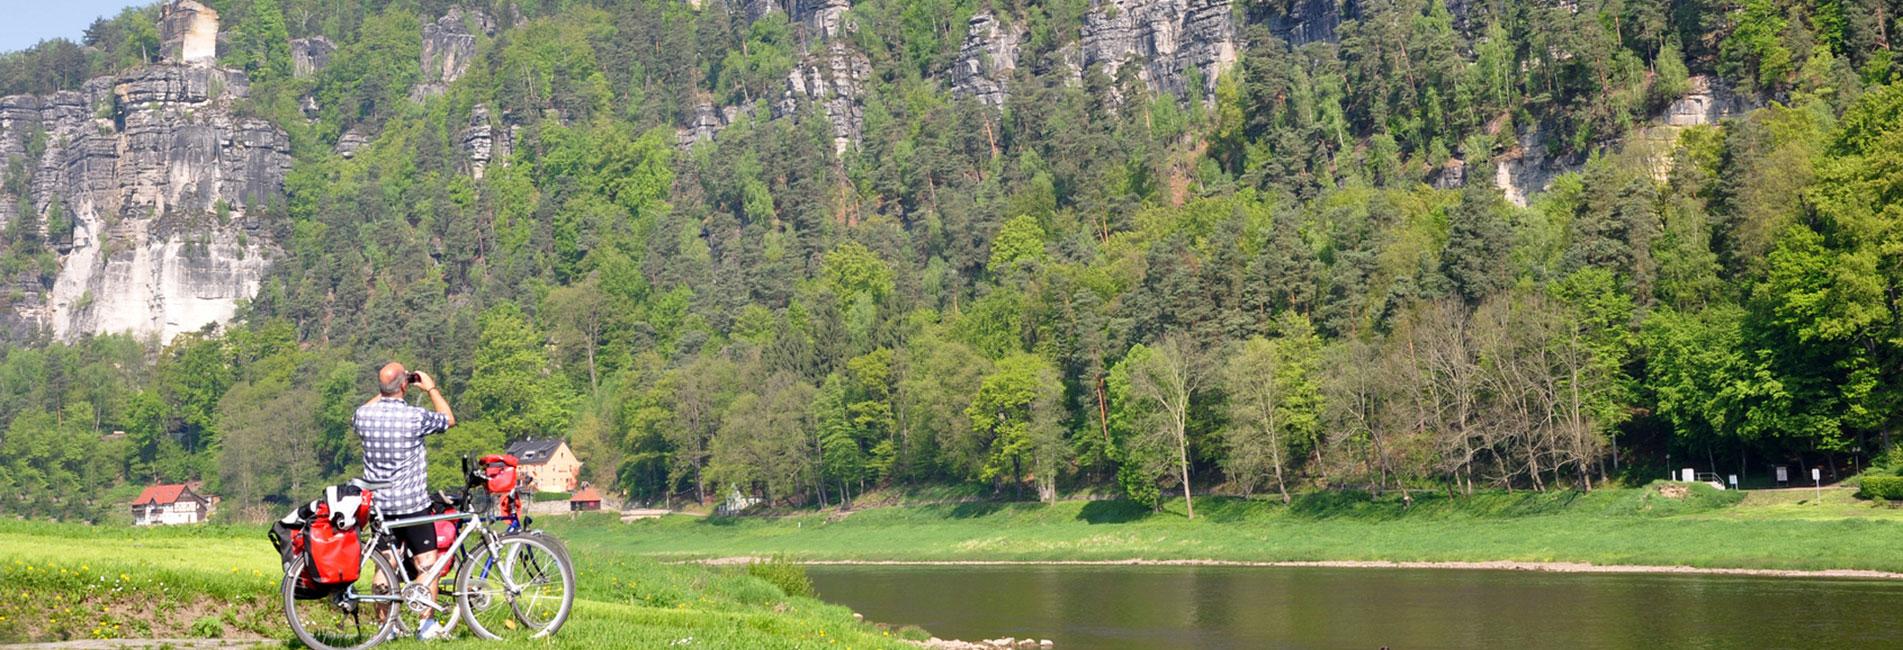 mit dem Rad'l die Sächsische Schweiz entdecken